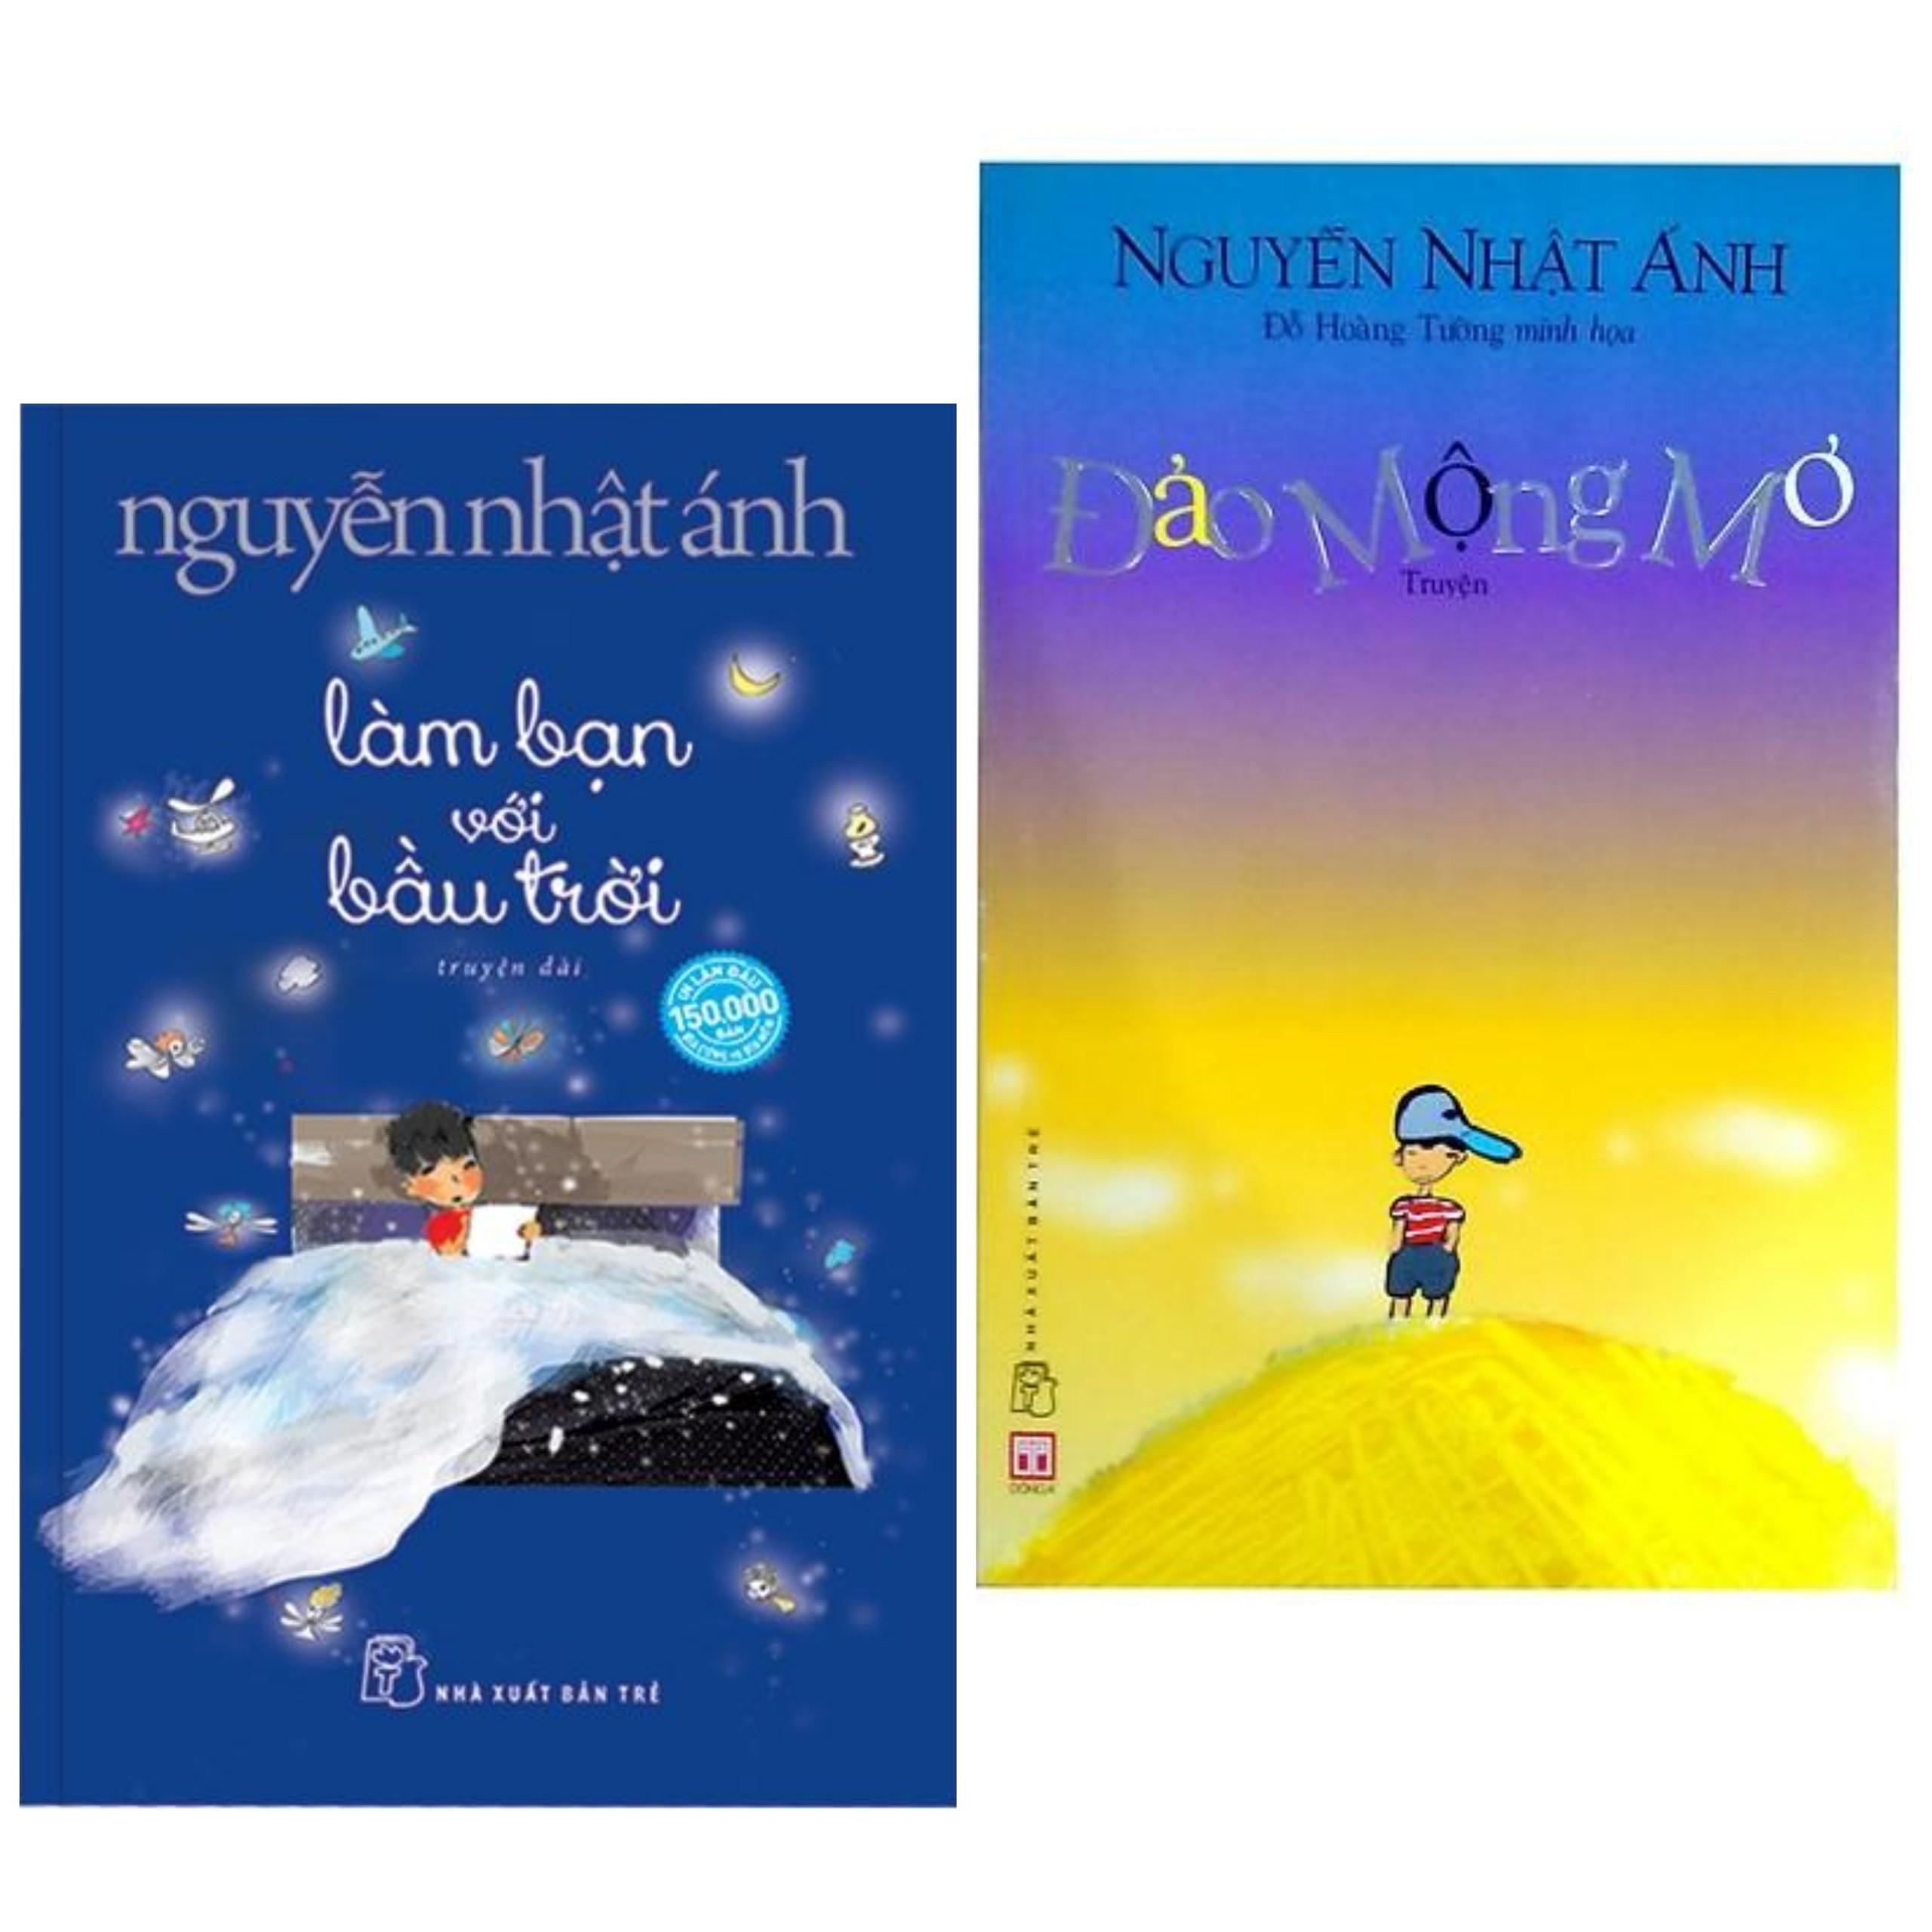 Combo sách Nguyễn Nhật Ánh : Làm bạn với bầu trời + Đảo mộng mơ ( tặng kèm BOOKMARK HAPPY LIFE )